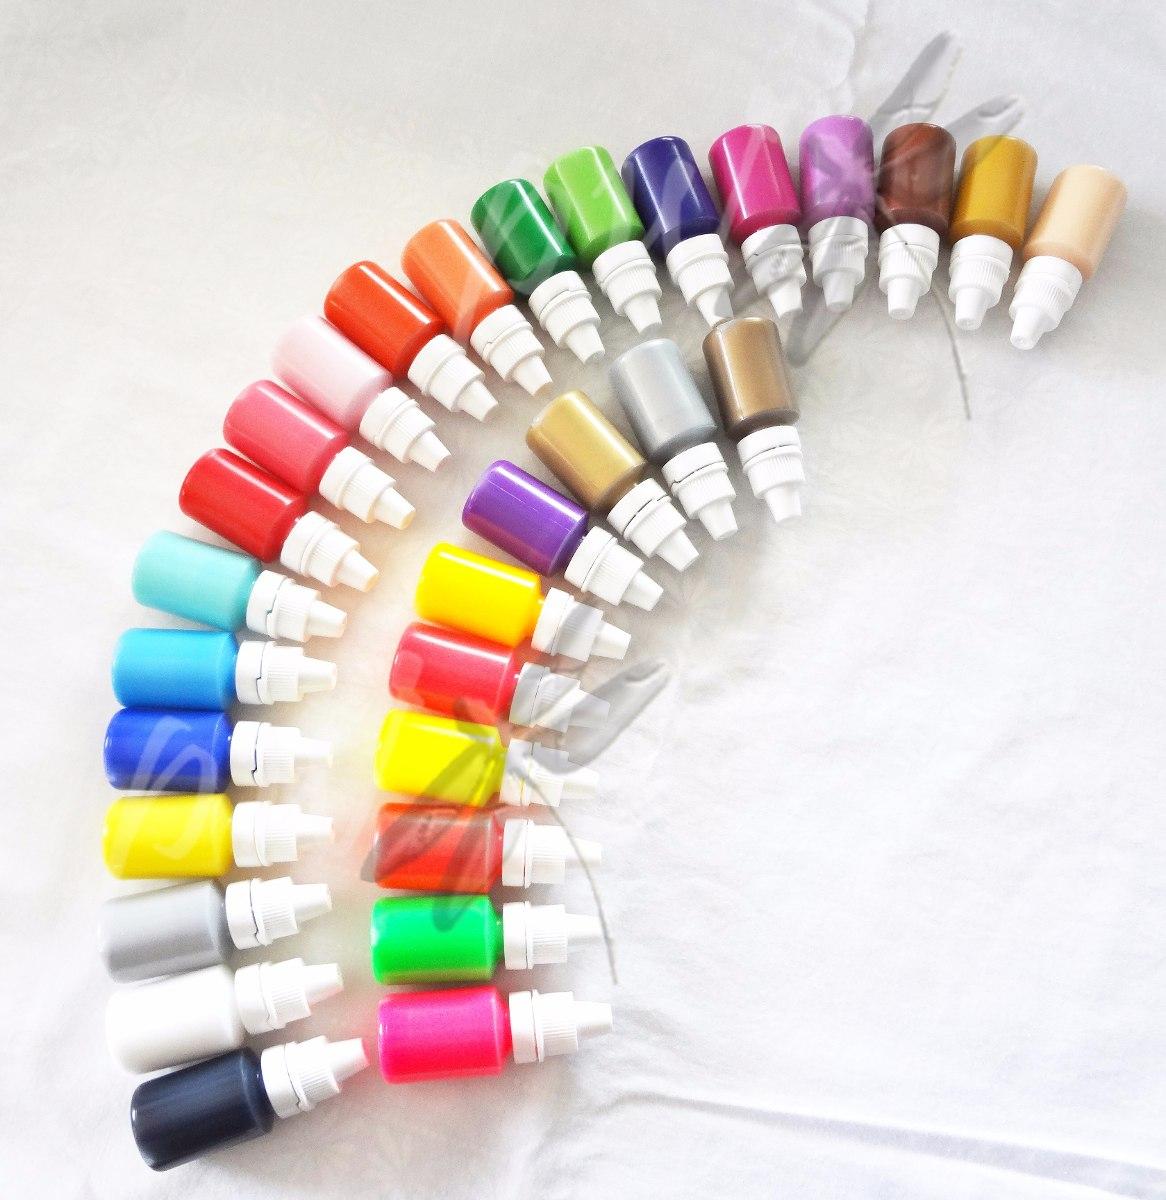 Pinturas Acrílicas Para Manicure - Decora Tus Uñas - $ 1 ...